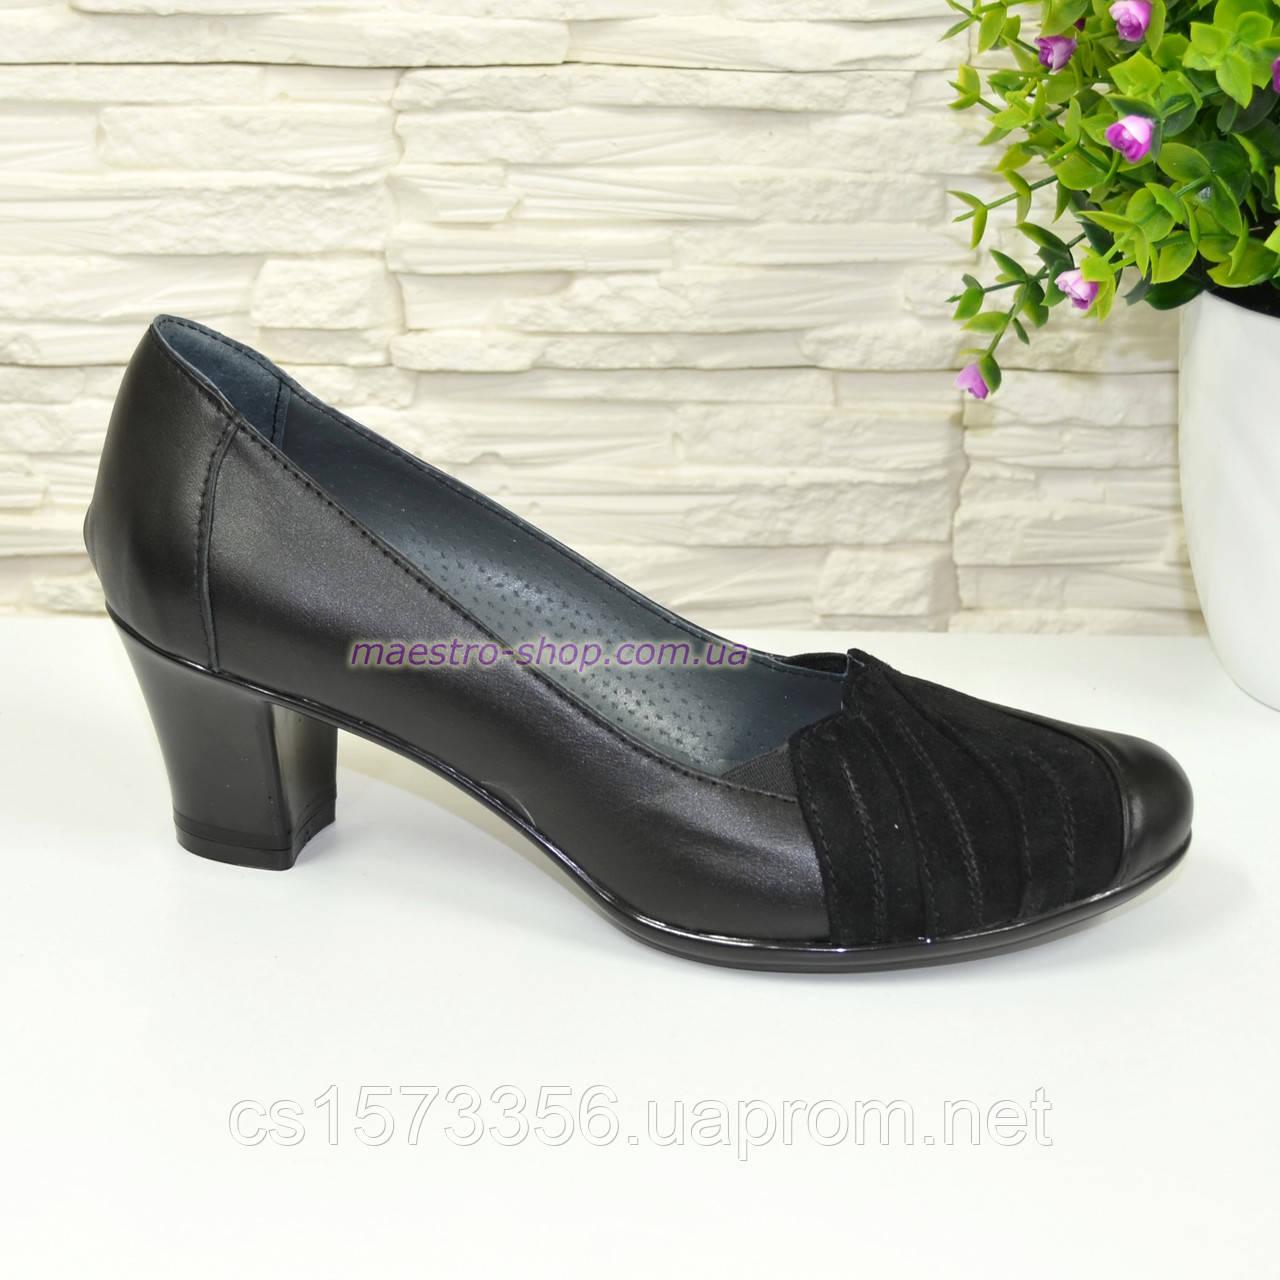 Туфли кожаные женские на каблуке с замшевыми вставками